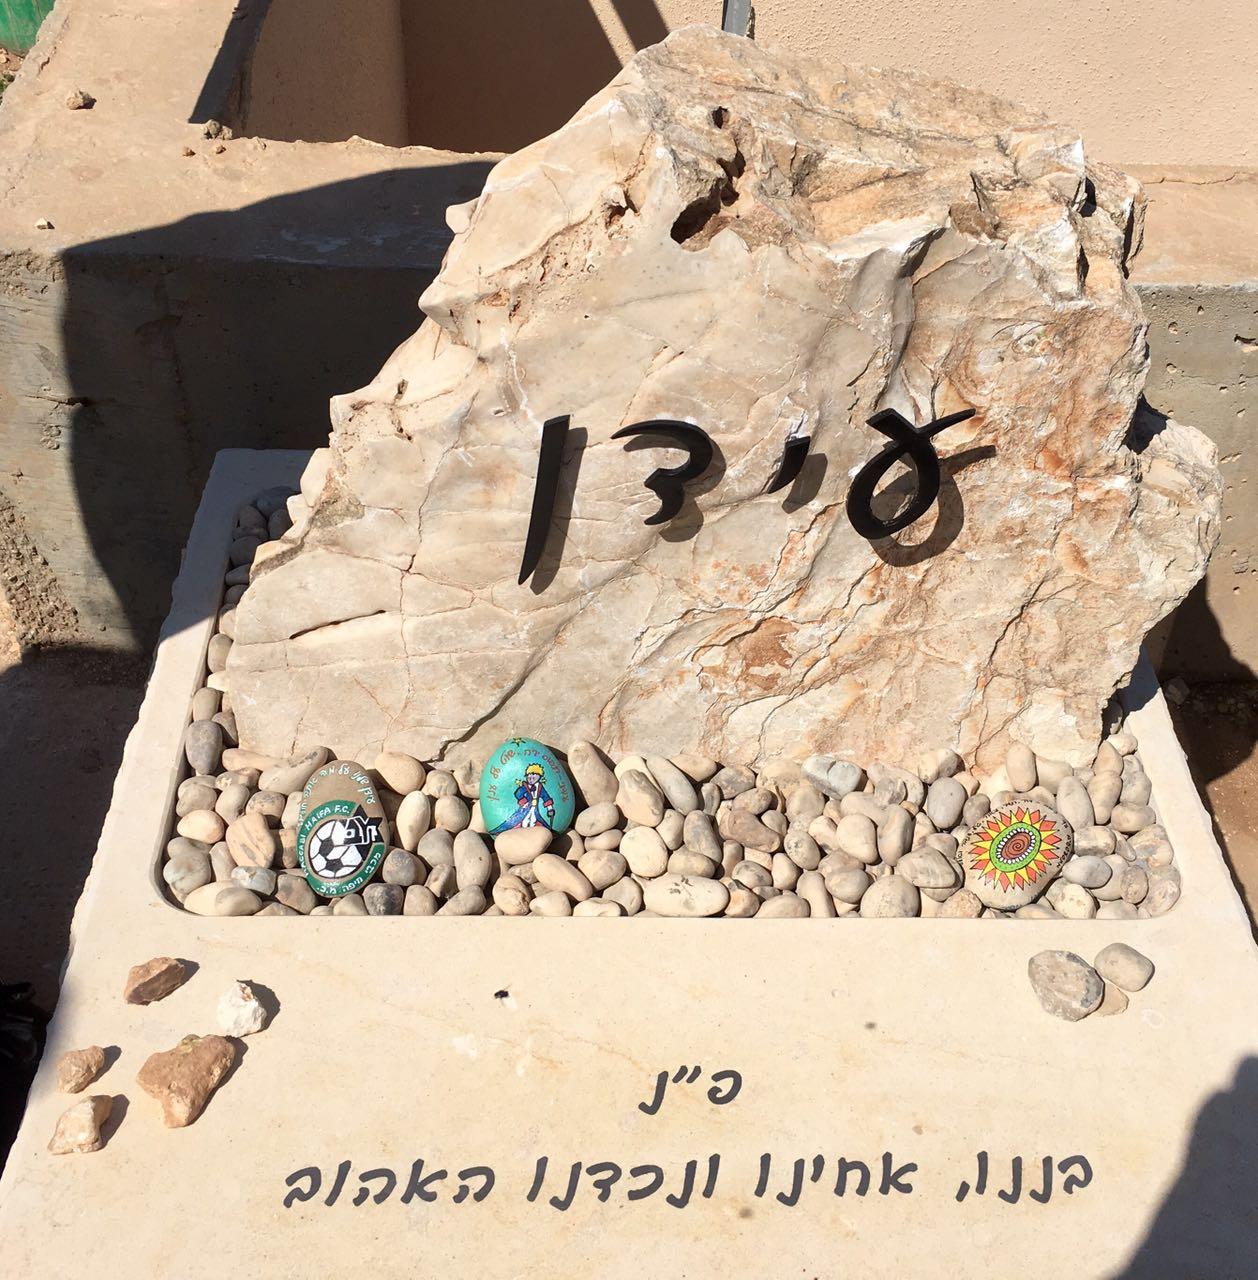 אבנים לפי הזמנה מיוחדת למצבה